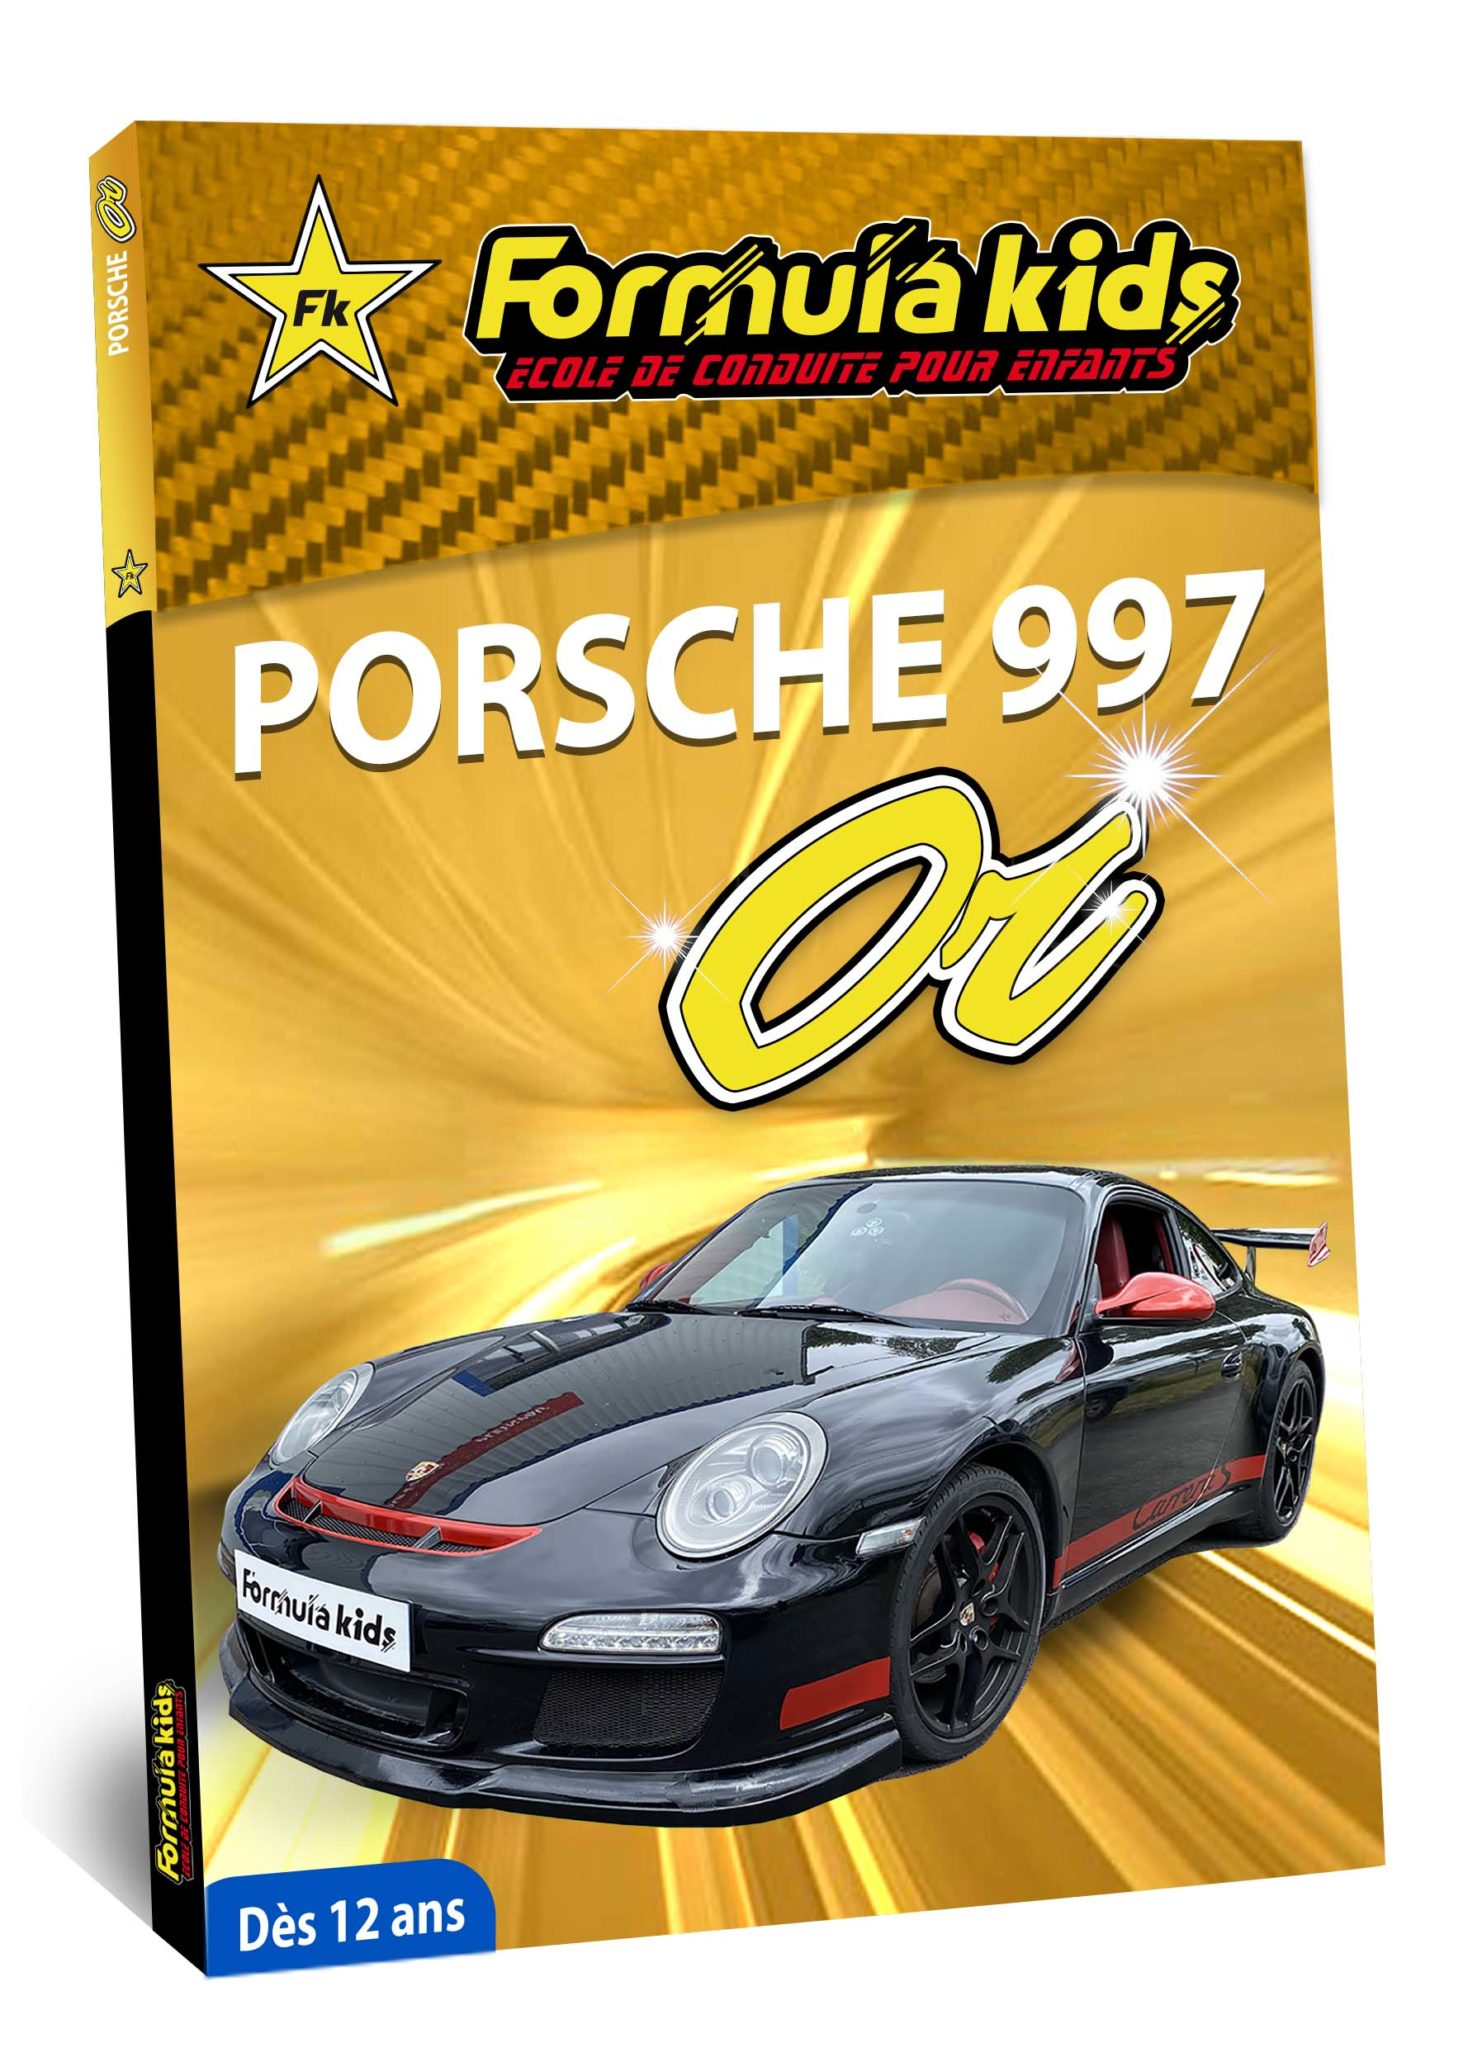 Porsche Or - Conduire une Porsche dès 12 ans - Formula Kids - Stage de conduite enfant - Stage de pilotage sur As'Phalte - Stage Junior - Conduire une TT dès 7 ans - Formula Kids - Stage de conduite enfant - Stage de pilotage sur As'Phalte - Stage Junior - Cadeau - Idée anniversaire - Smart Box - Idée Cadeau - Loisir - Famille - Pilotage - - Pilotage GT - Pilotage enfant - Porsche 991 - Porsche 997 - Porsche Carrera 4S -